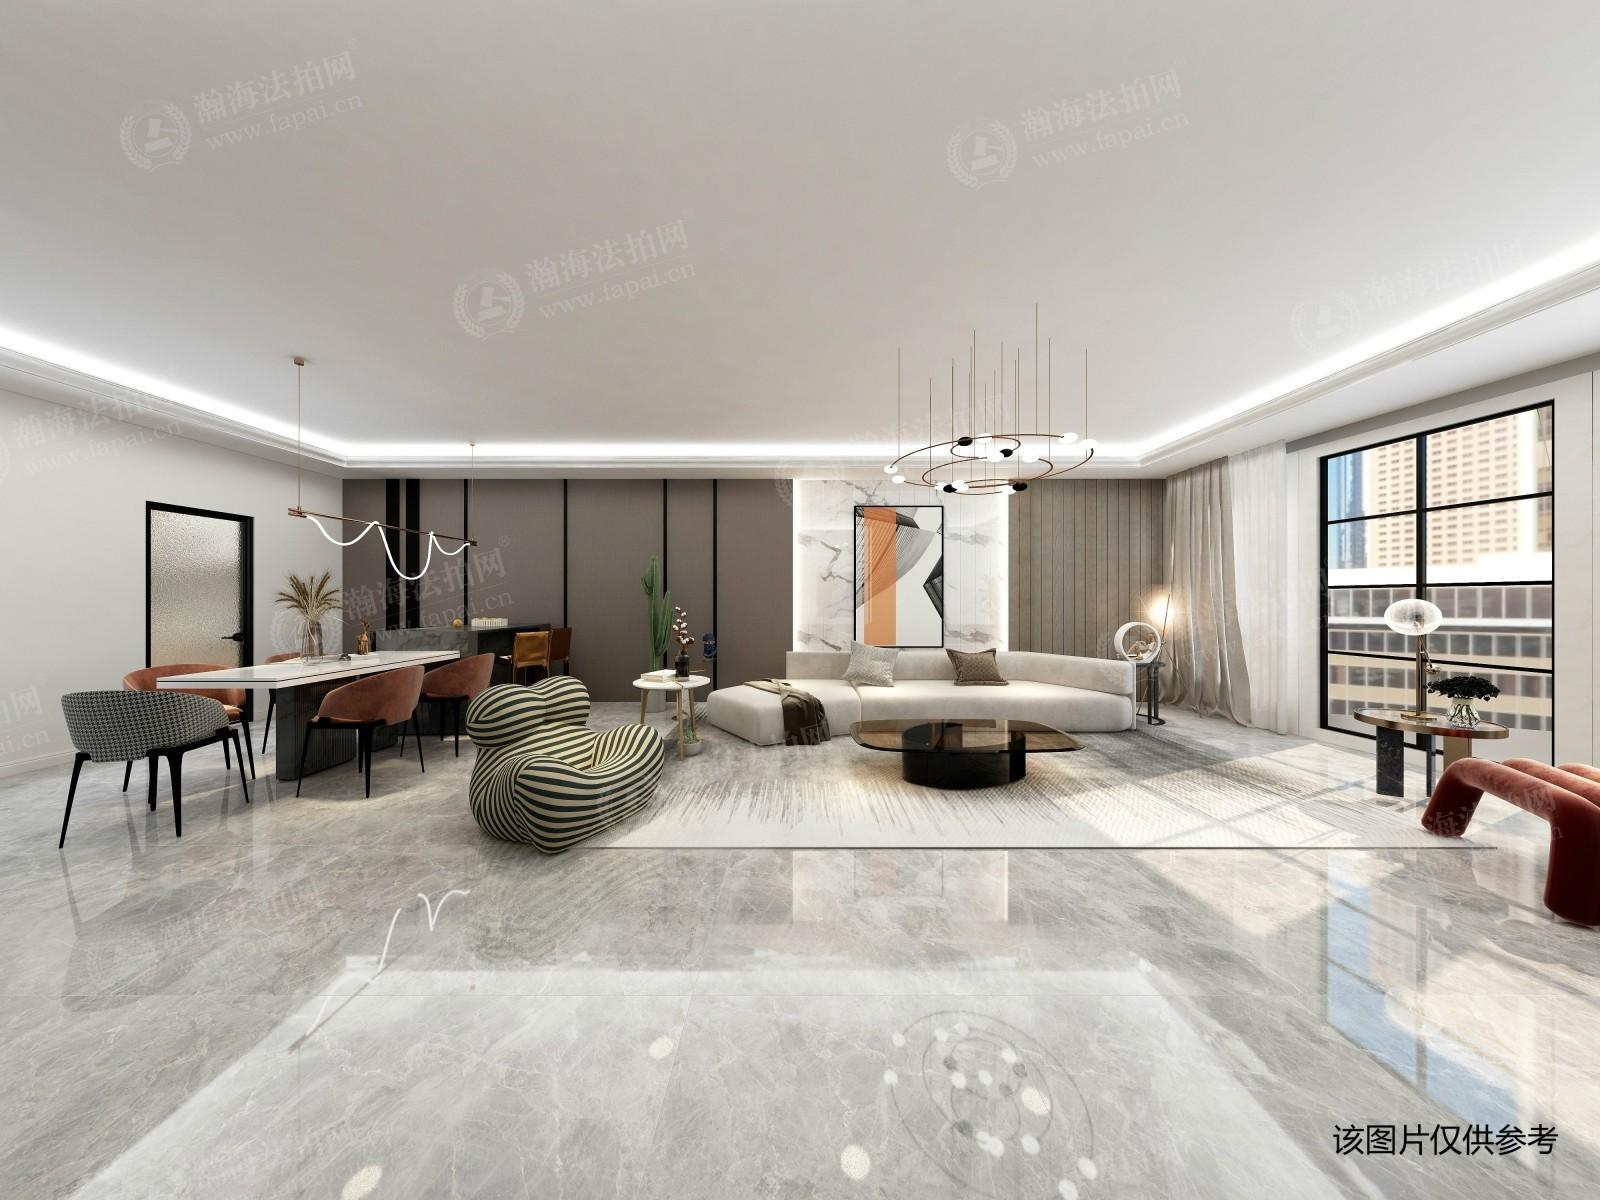 瑞丽江畔南区7号楼1单元801室